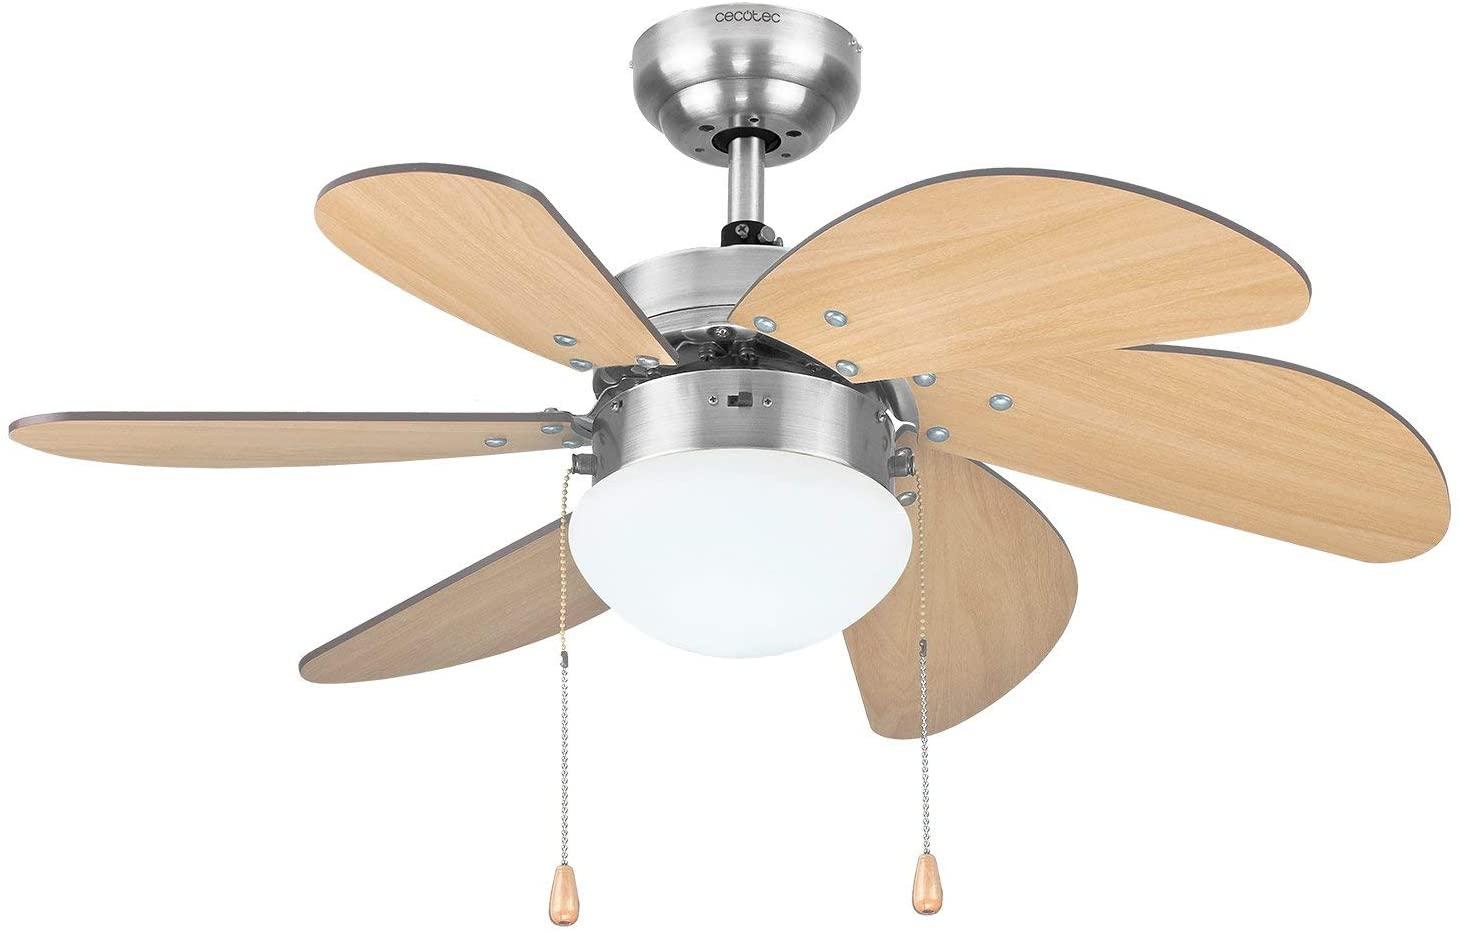 Cecotec Ventilador de Techo ForceSilence Aero 350. 81 cm de Diámetro, Luz, 6 Aspas Reversibles, 3 Velocidades y Función Invierno, 50W [Clase de eficiencia energética A]